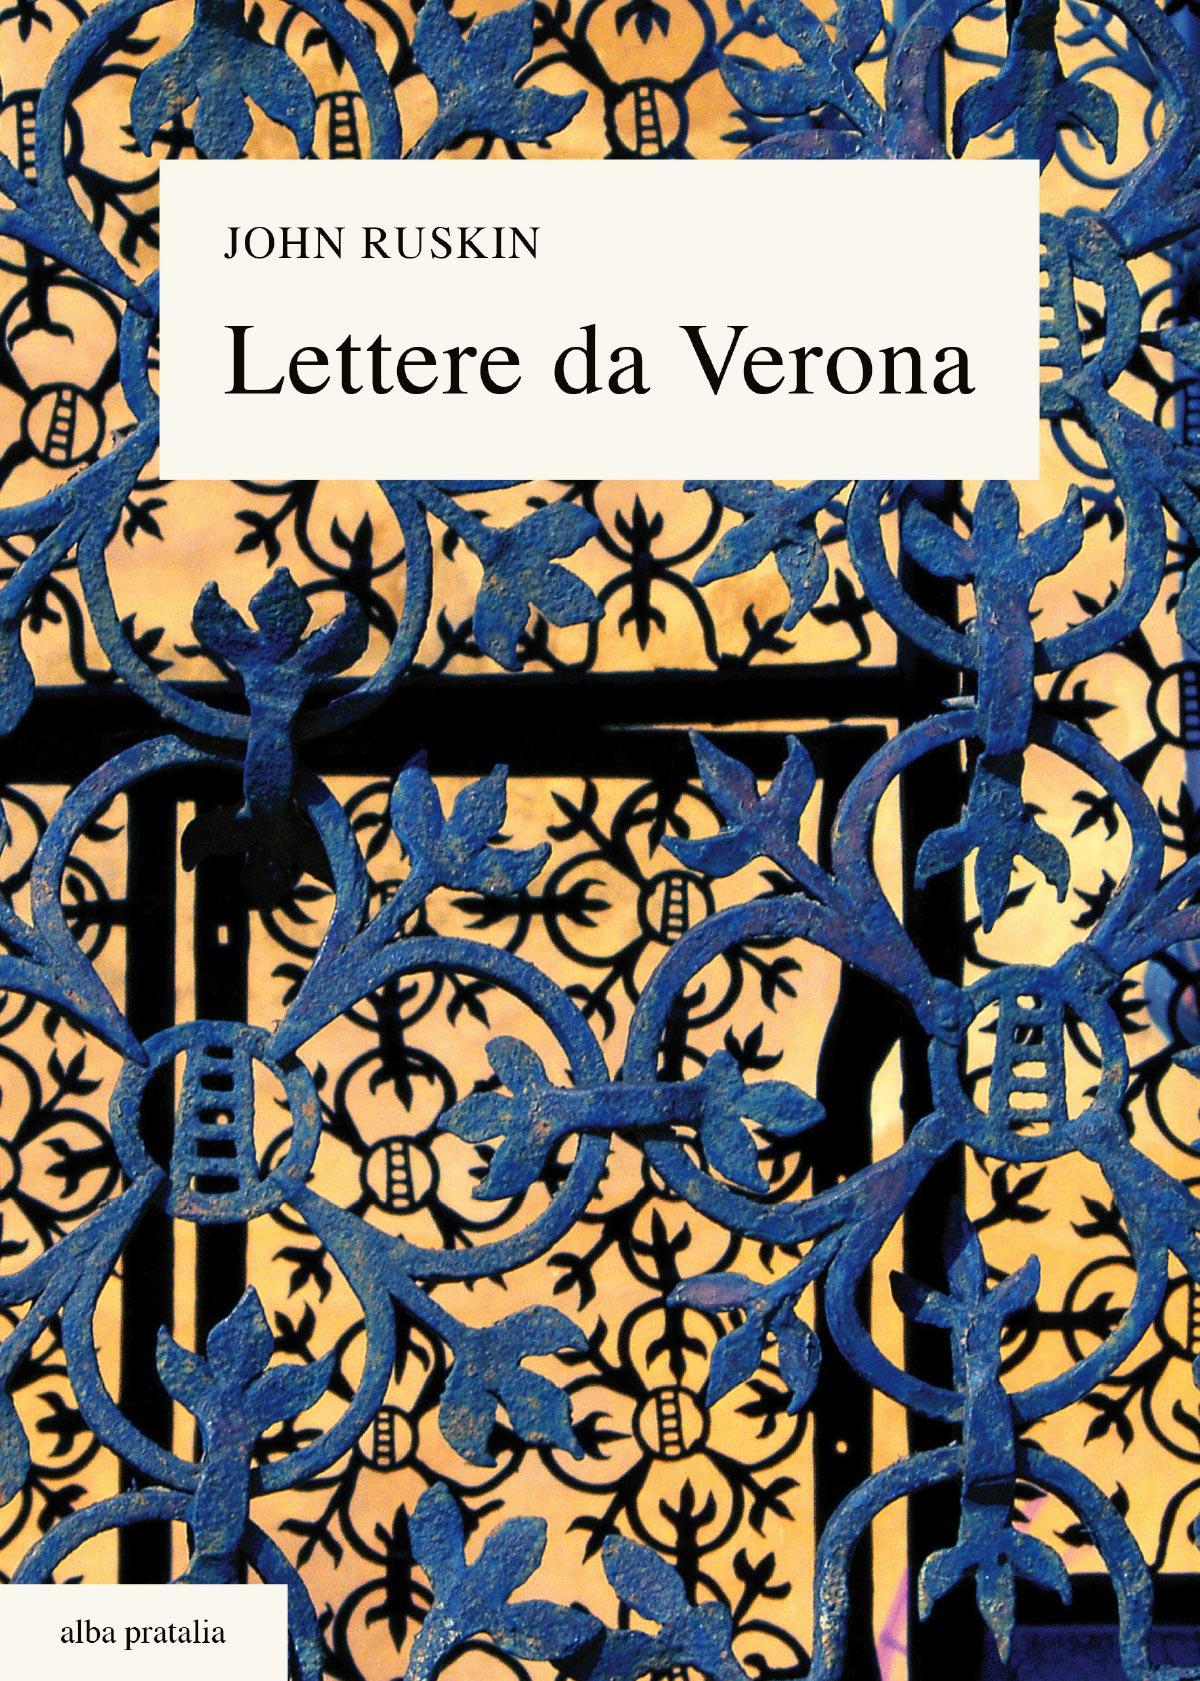 Lettere da Verona John Ruskin